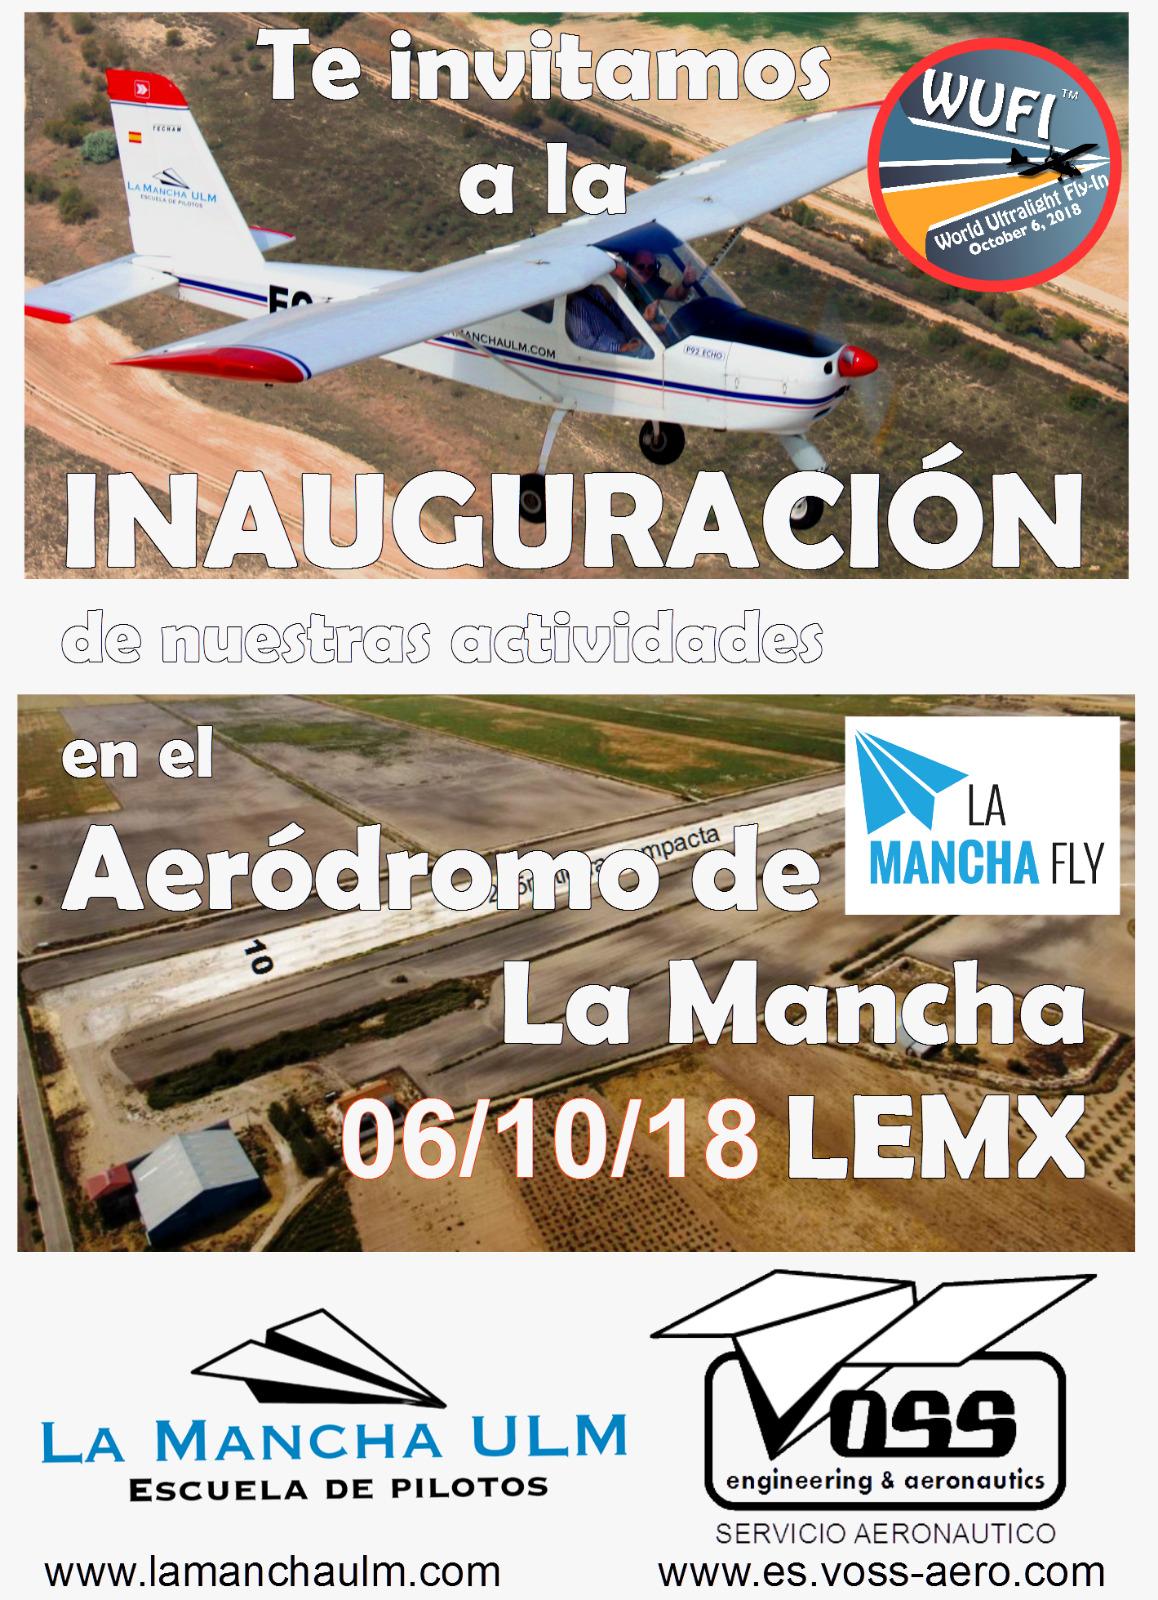 Inauguración del taller y la escuela de vuelo del Aeródromo de la Mancha LEMX